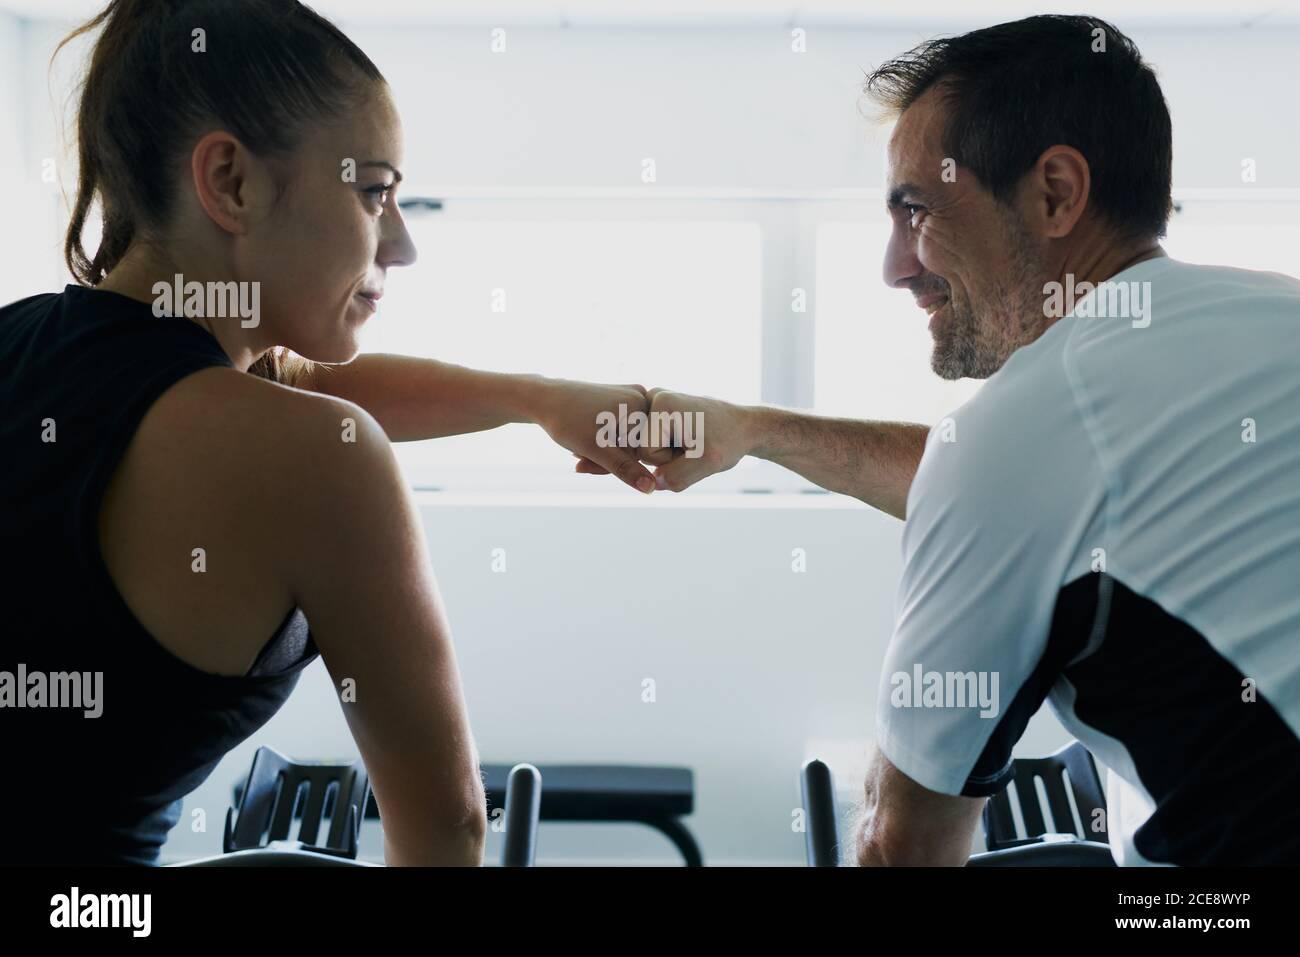 Vista lateral del contenido mujer atleta dando el primer golpe a. instructor masculino personal en el gimnasio moderno Foto de stock